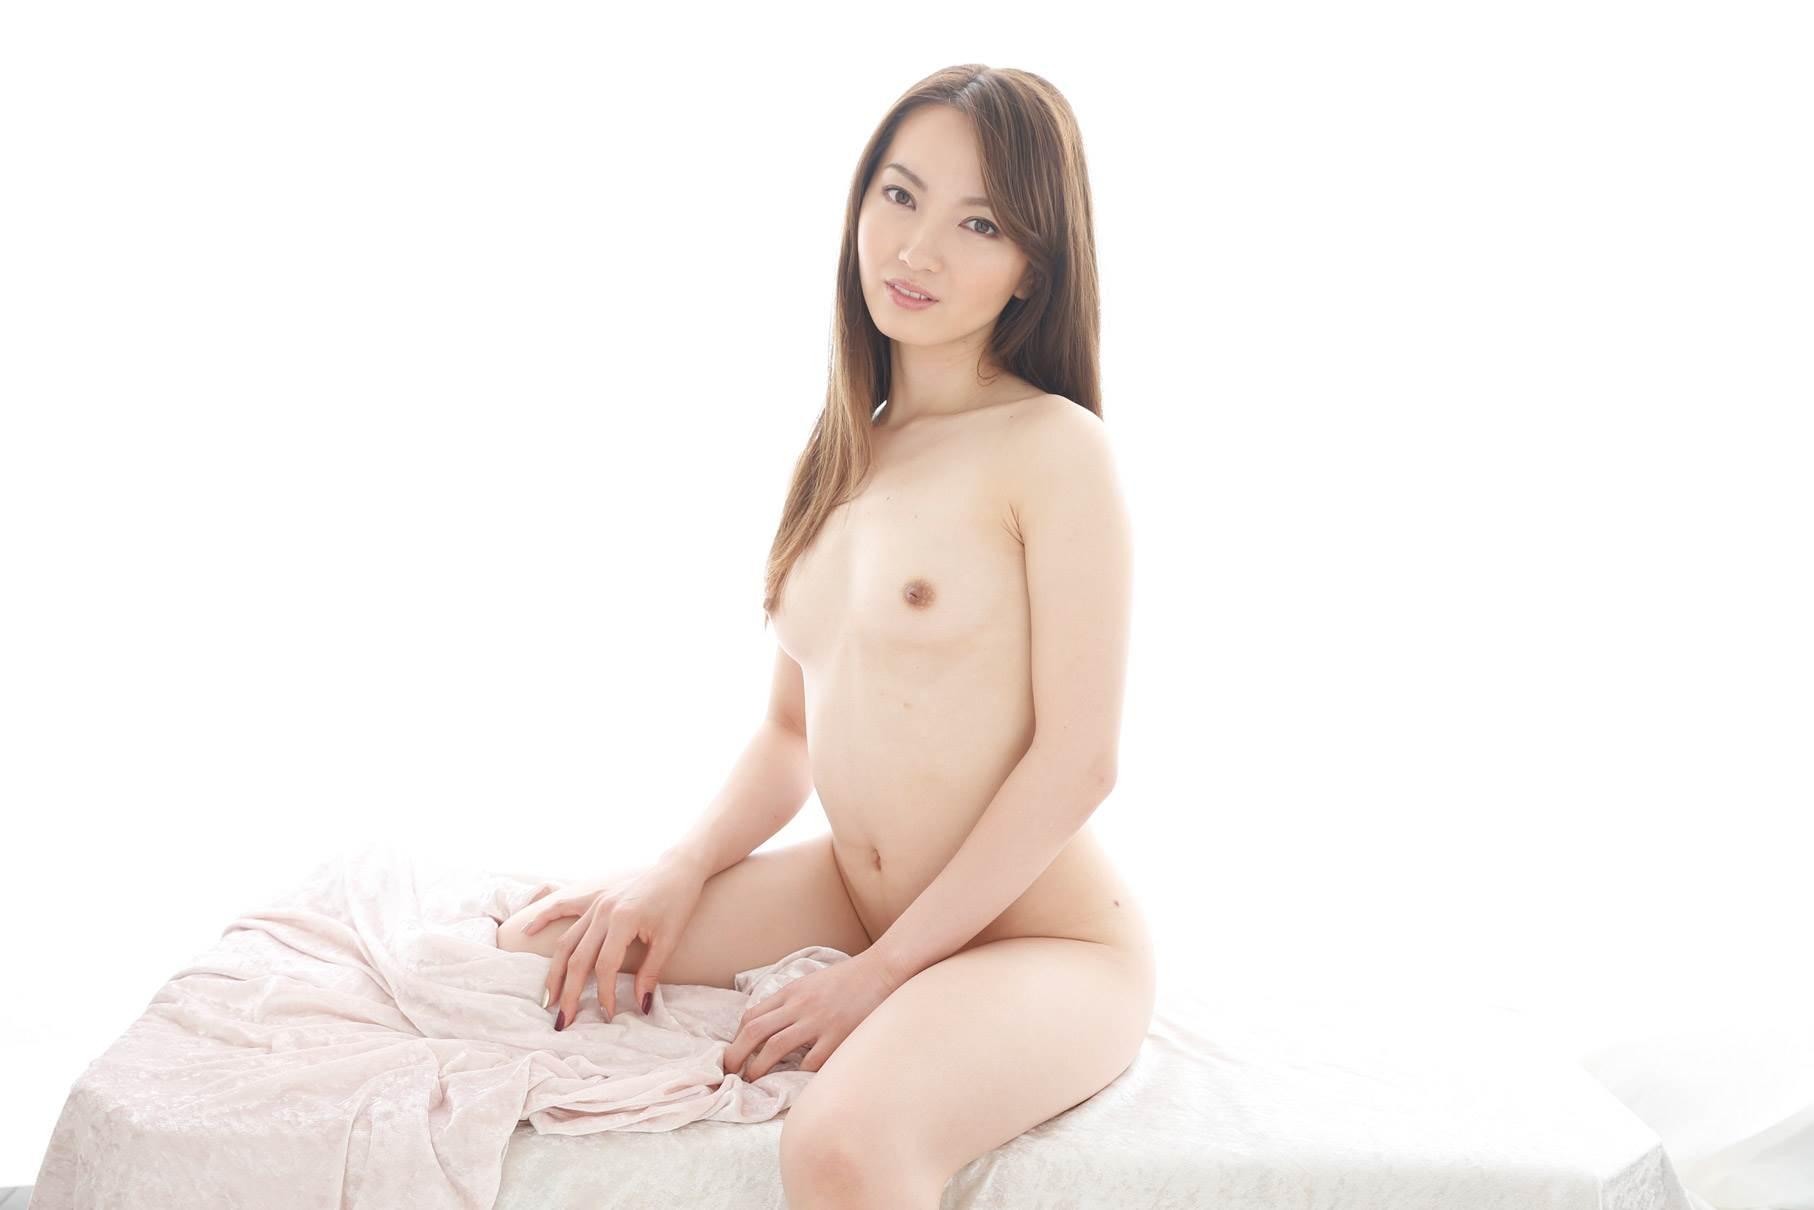 葉山瞳(中川美鈴) 初裏デビュー画像 66